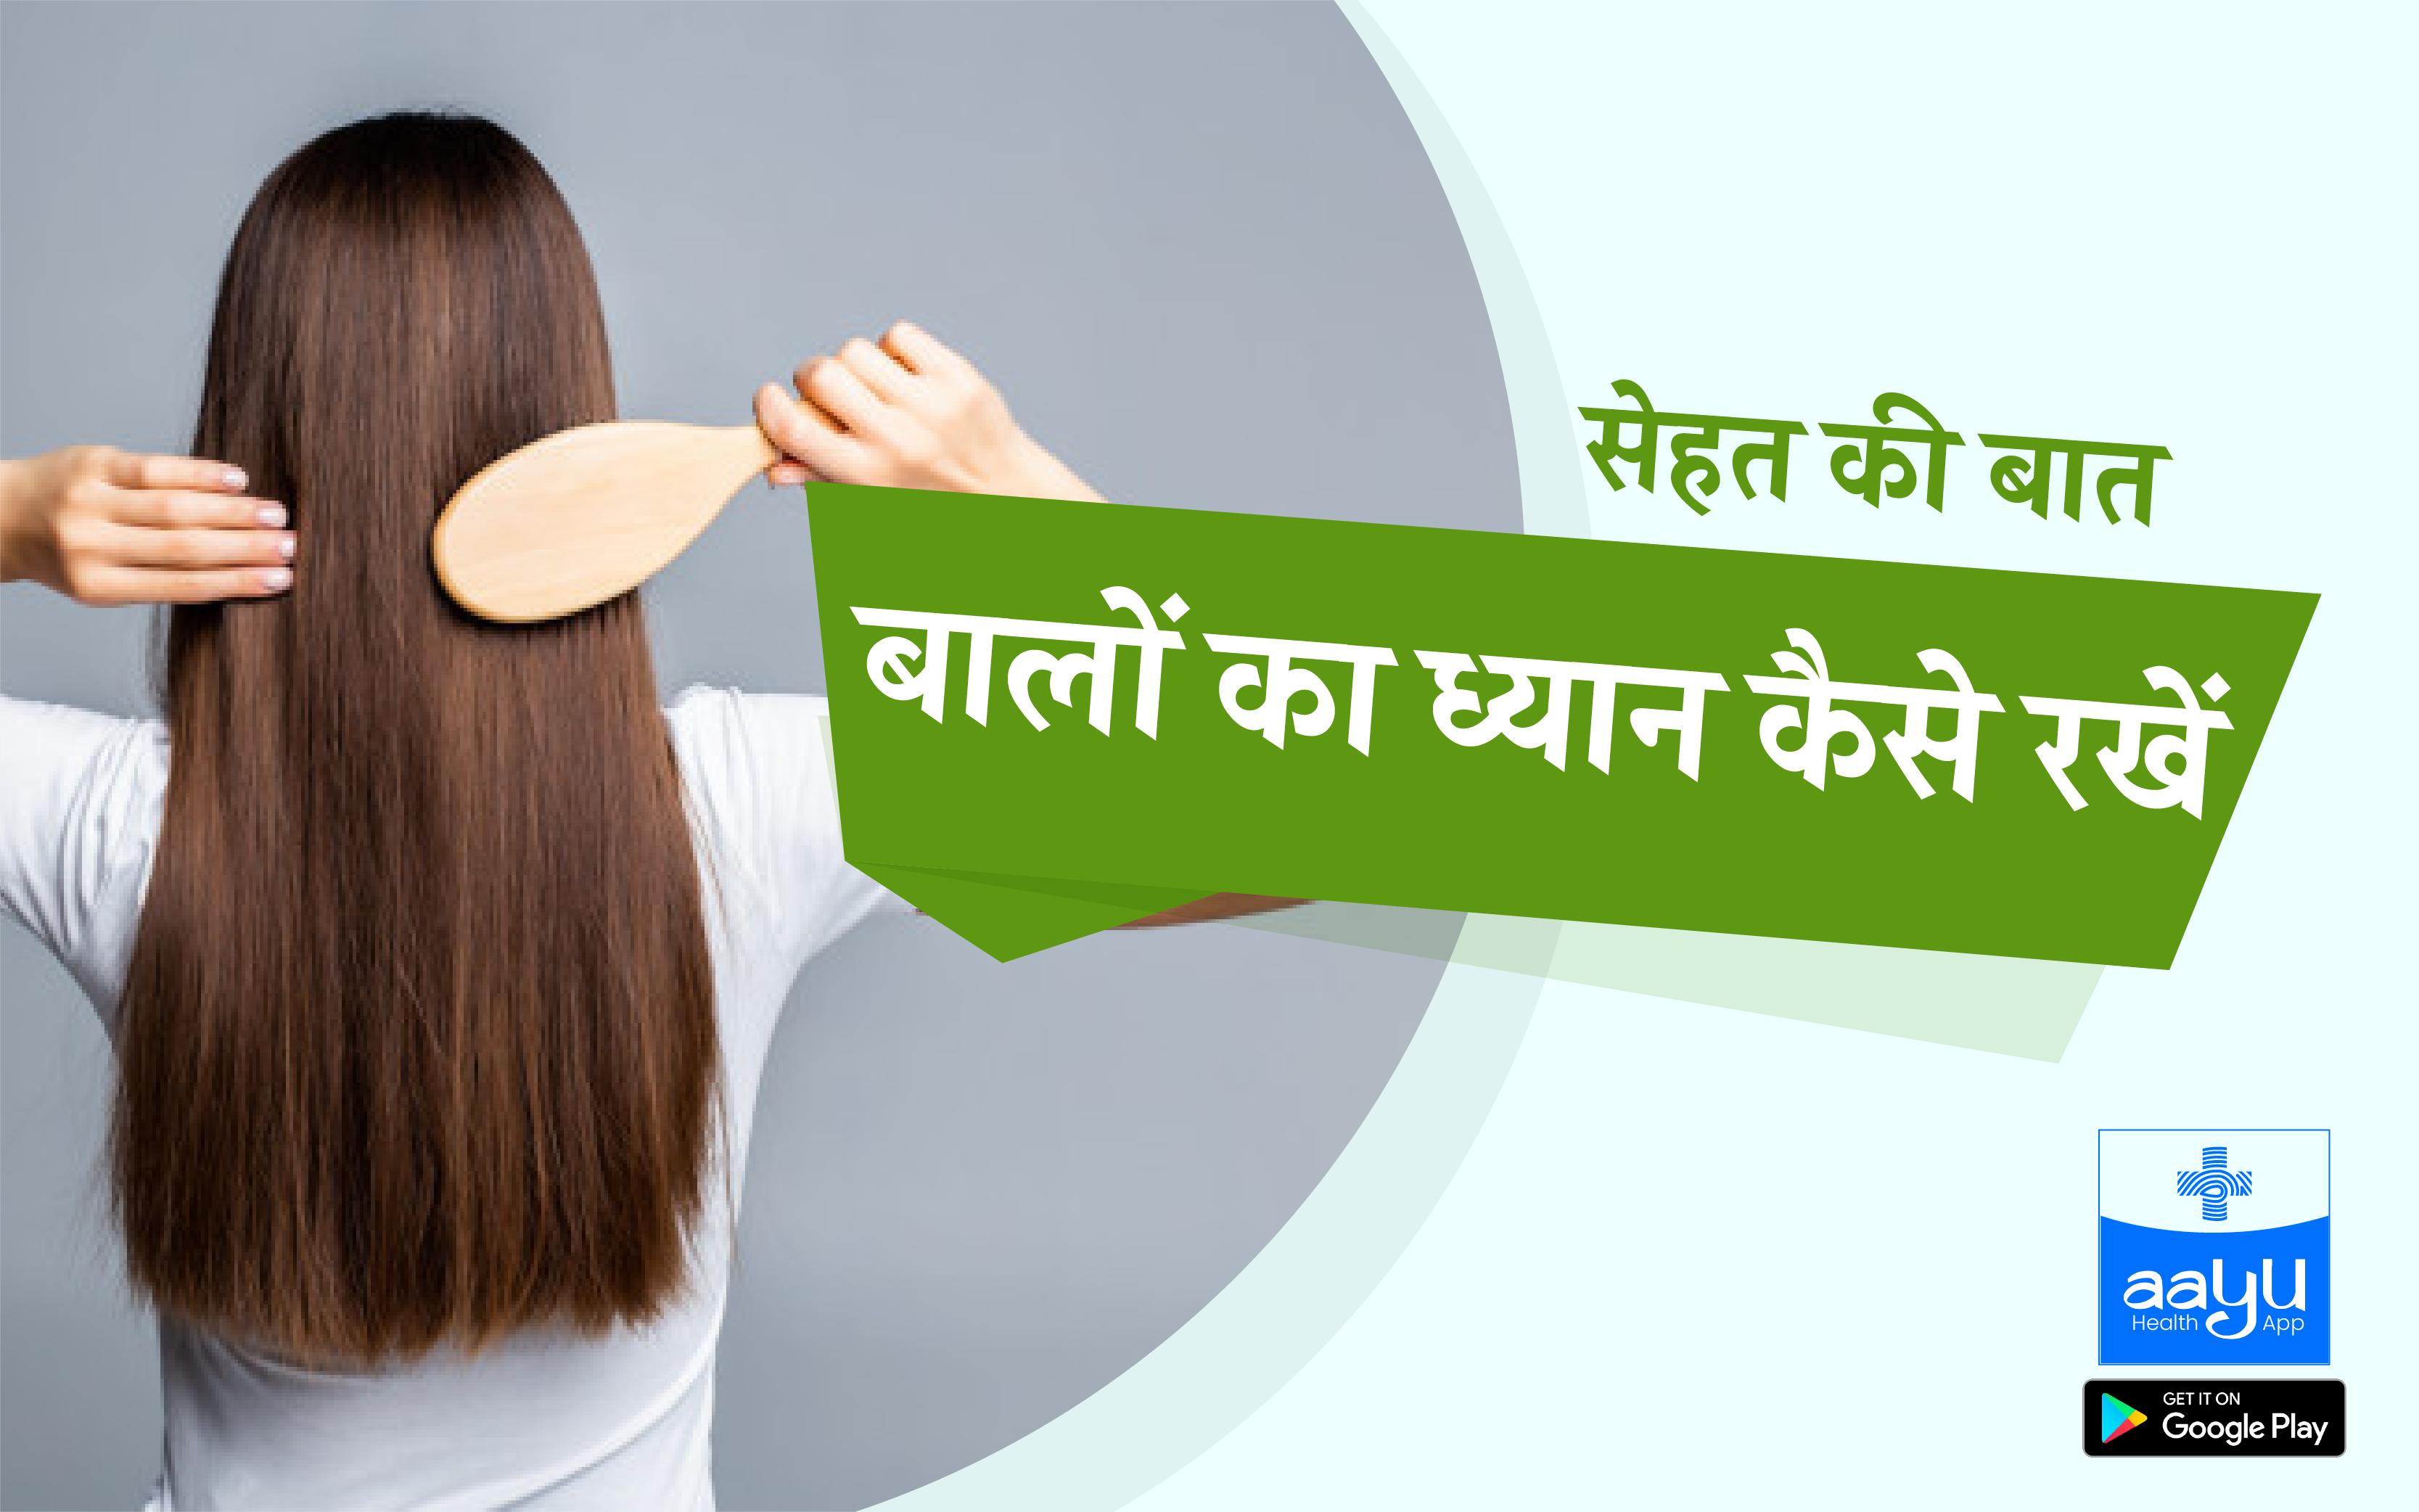 बालों का ध्यान कैसे रखें | Daily Health Tip | Aayu App